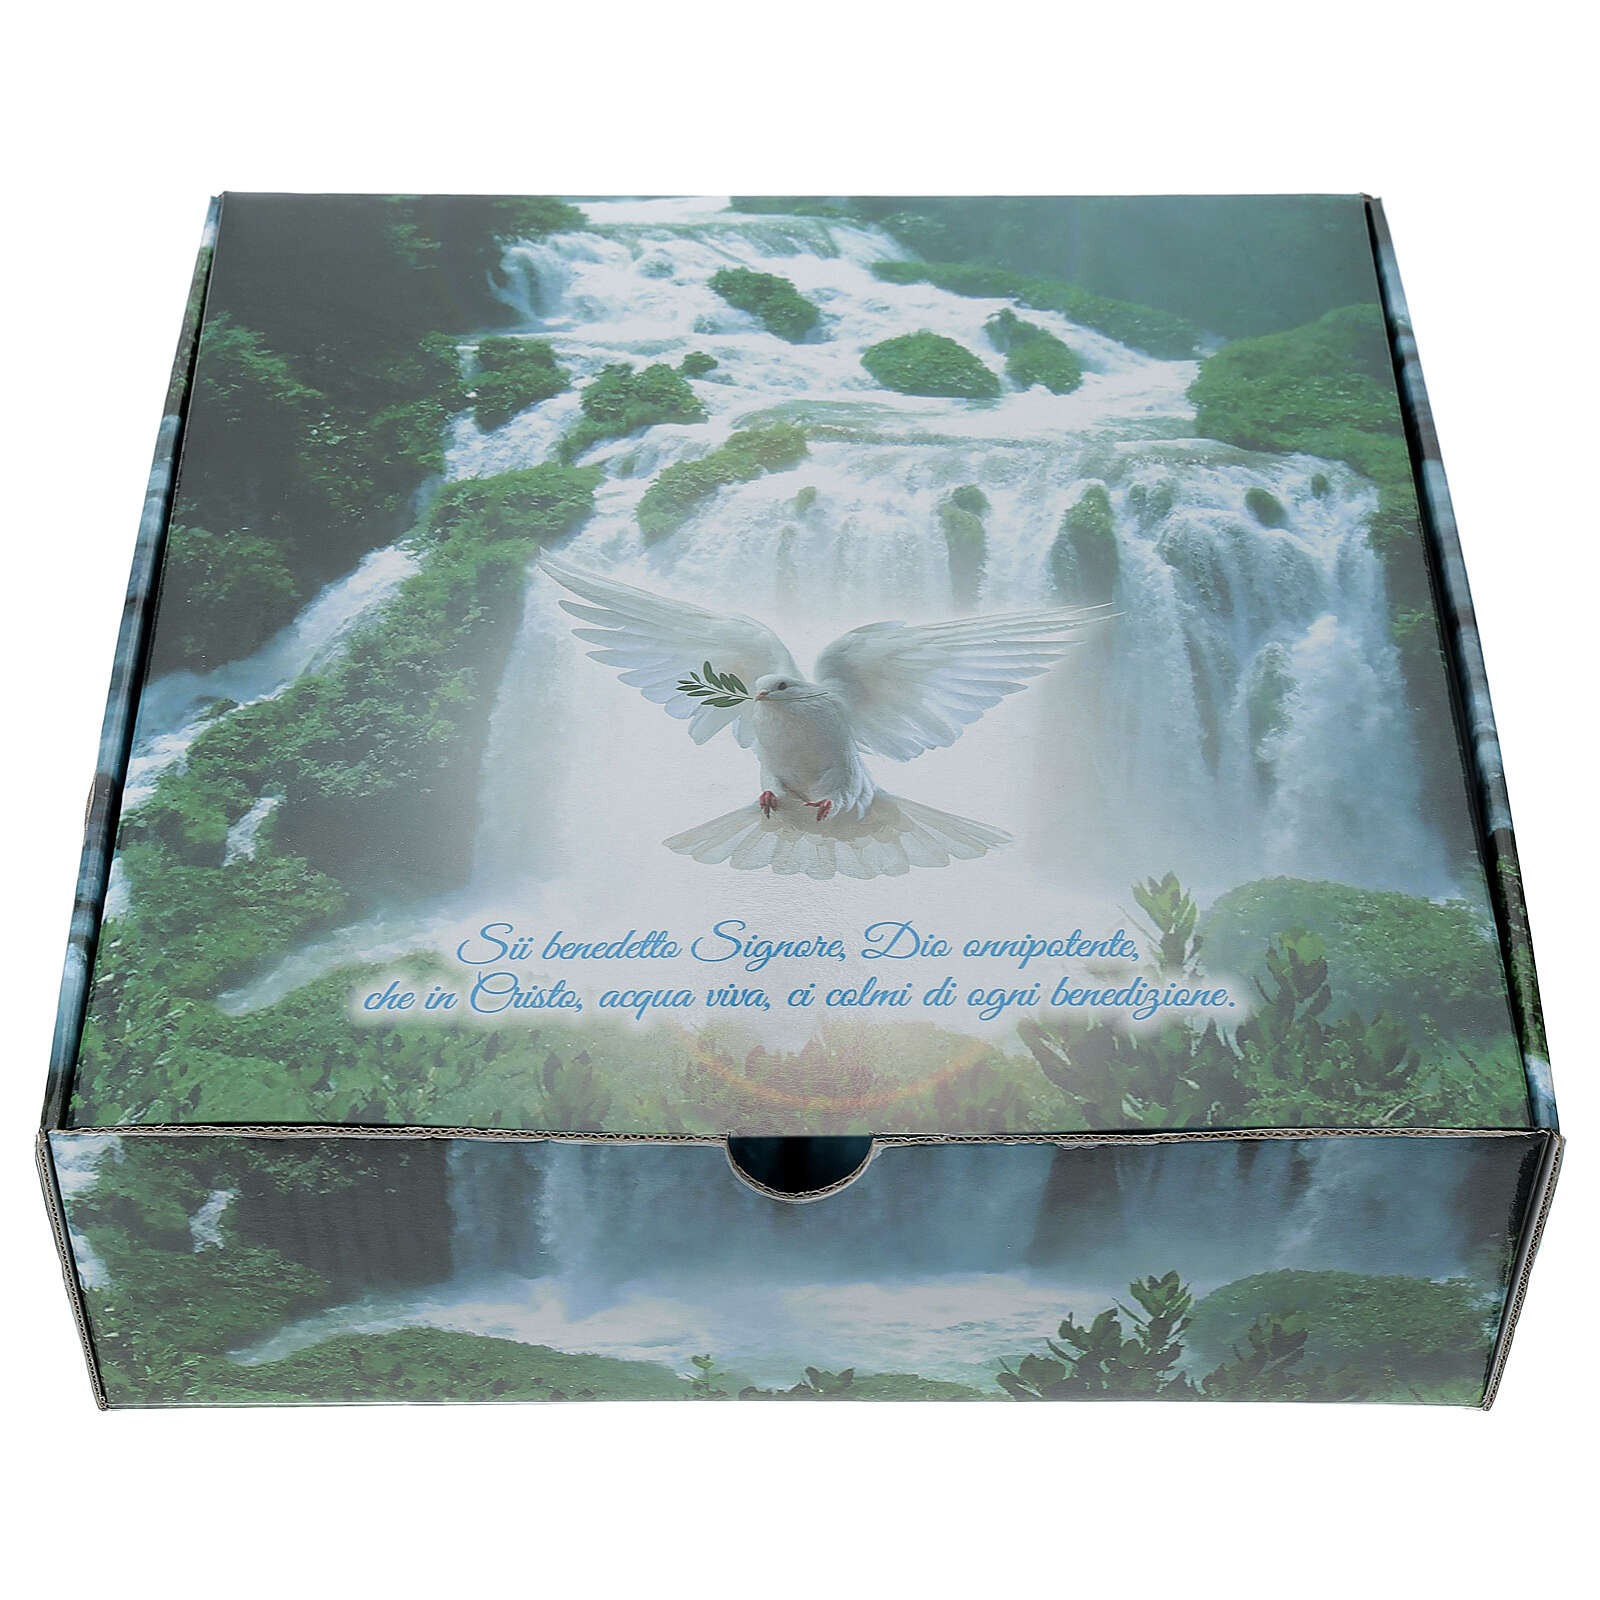 Bottiglie per acqua benedetta 100 pz. (confezione) 50 ml 3